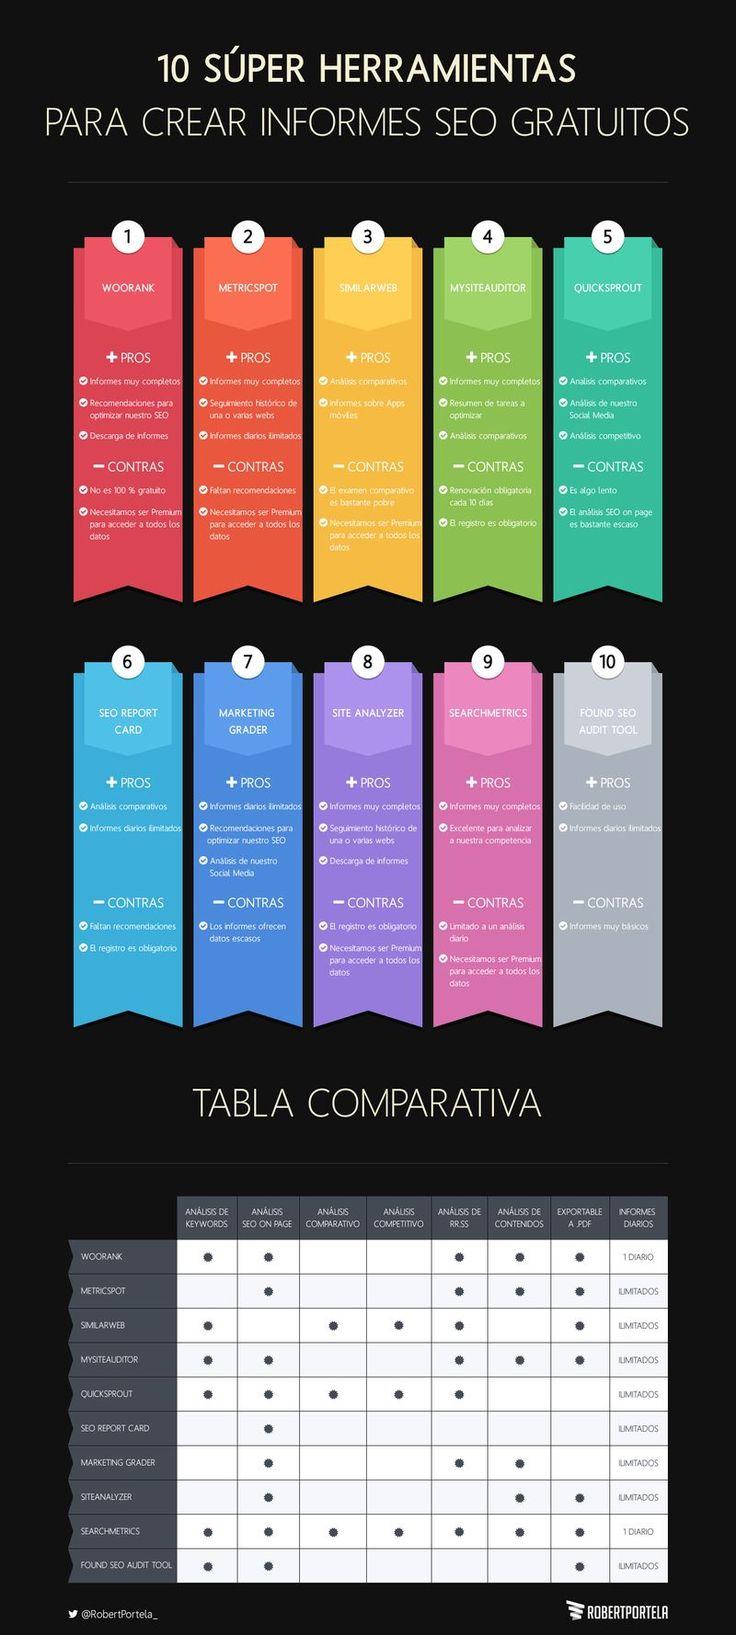 10 súper herramientas para crear informes SEO gratuitos. Infografía en español. #CommunityManager